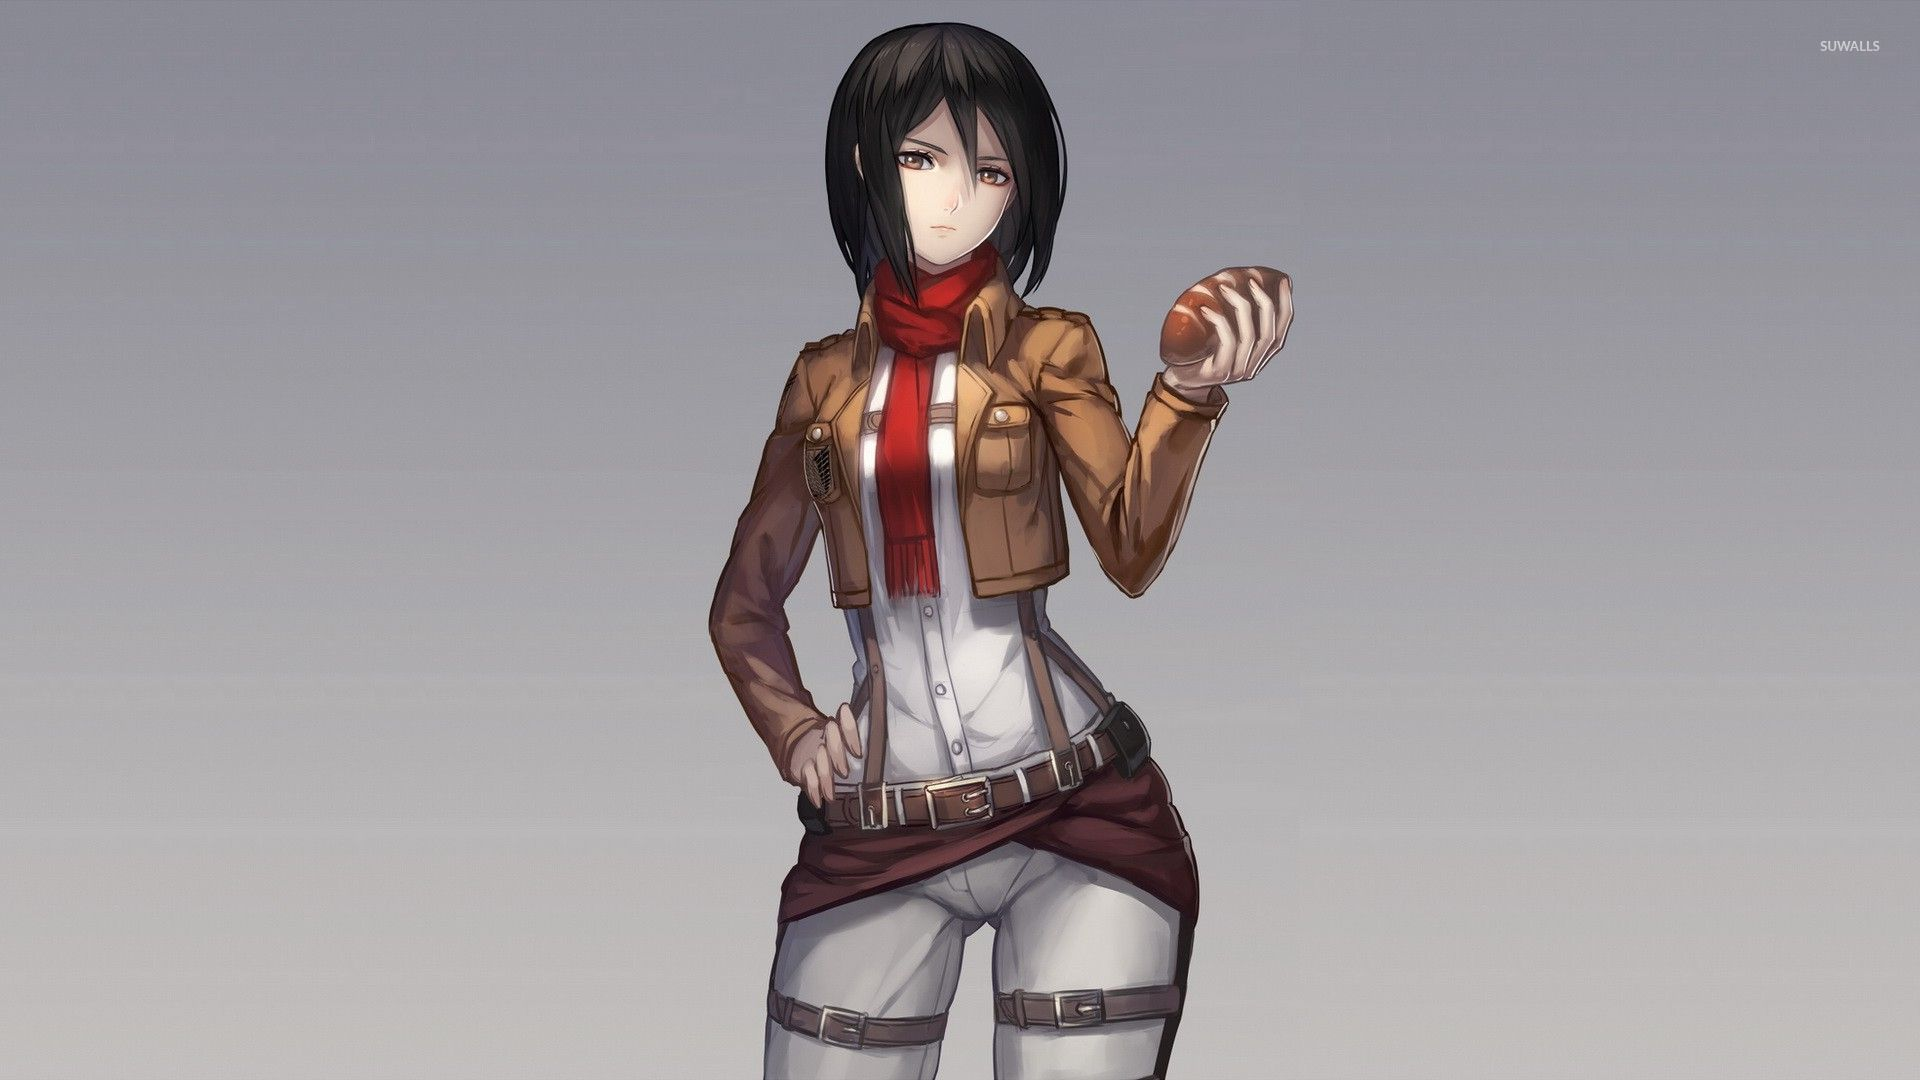 Mikasa Ackerman - Attack on Titan [14] wallpaper - Anime ...